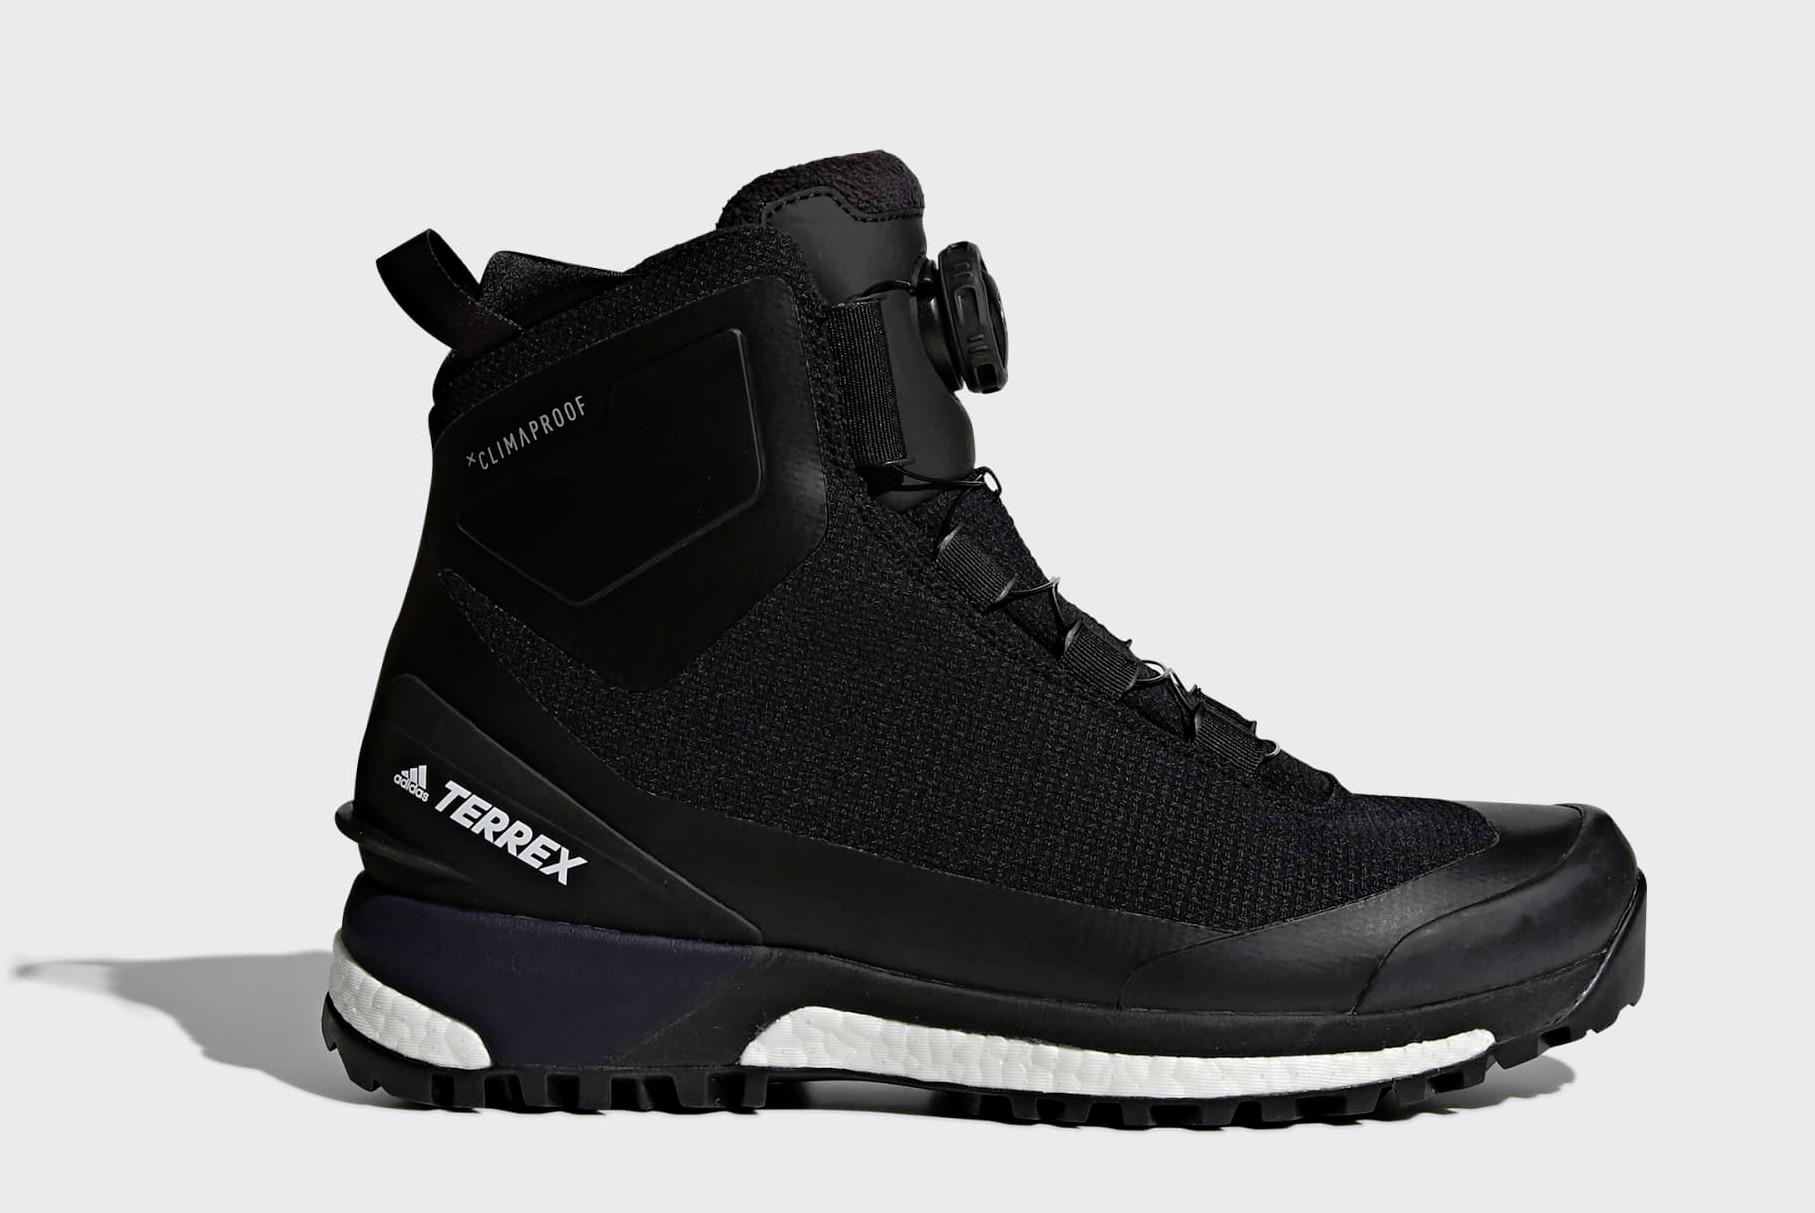 e791e6b5ef9 C est évidemment loin de ce que j utilise en été (je randonne en sandales)  mais marcher dans la neige par -15°C et potentiellement moins requiert  quelques ...